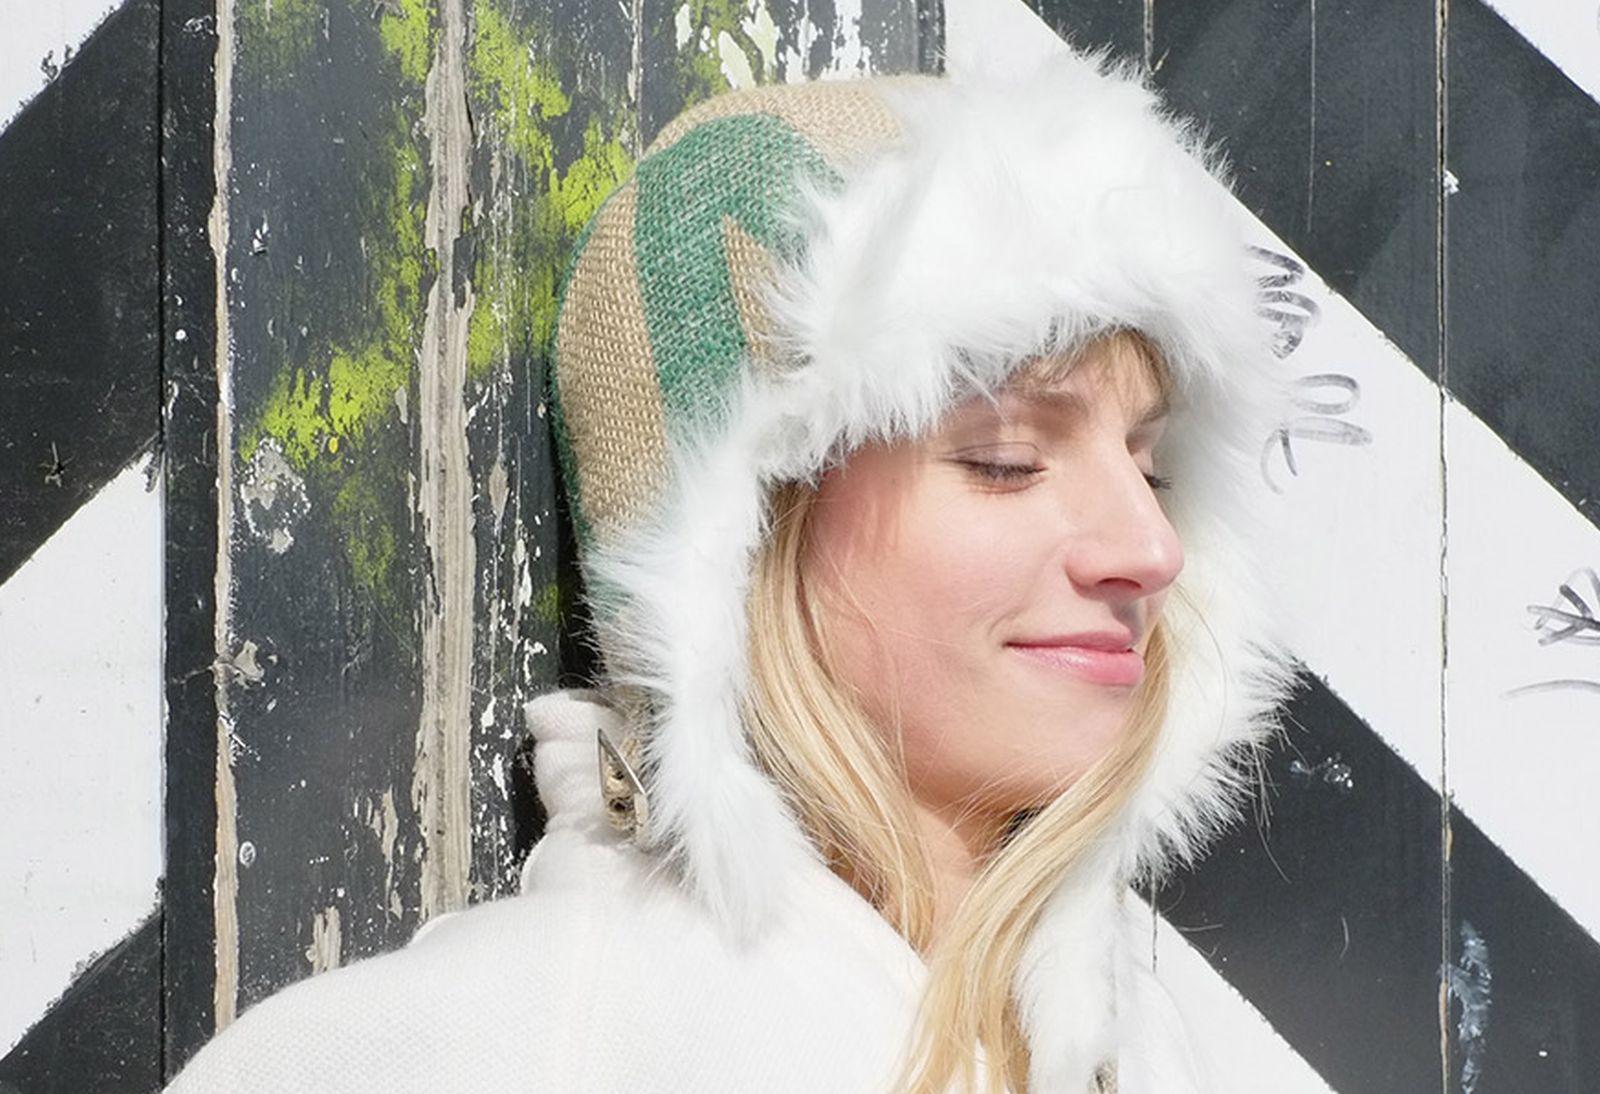 Junge, blonde Frau lehnt einer Holzwand und trägt eine vegane Wintermütze aus einem Kaffeesack